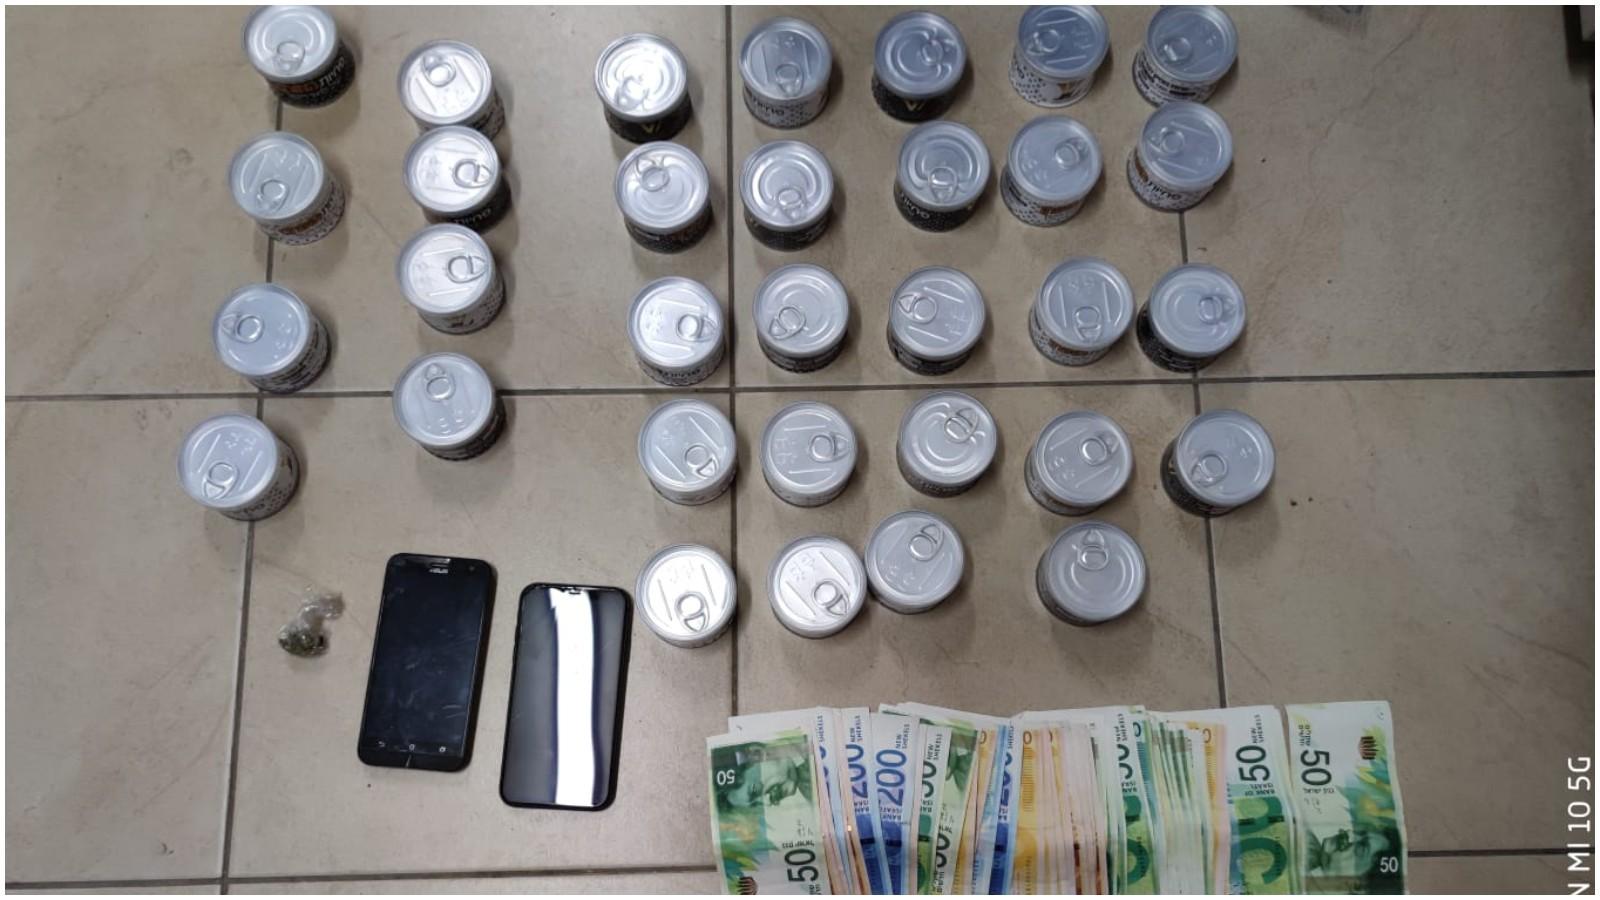 הסמים המוסלקים שנתפסו במחסום בהרצליה. צילום משטרת ישראל